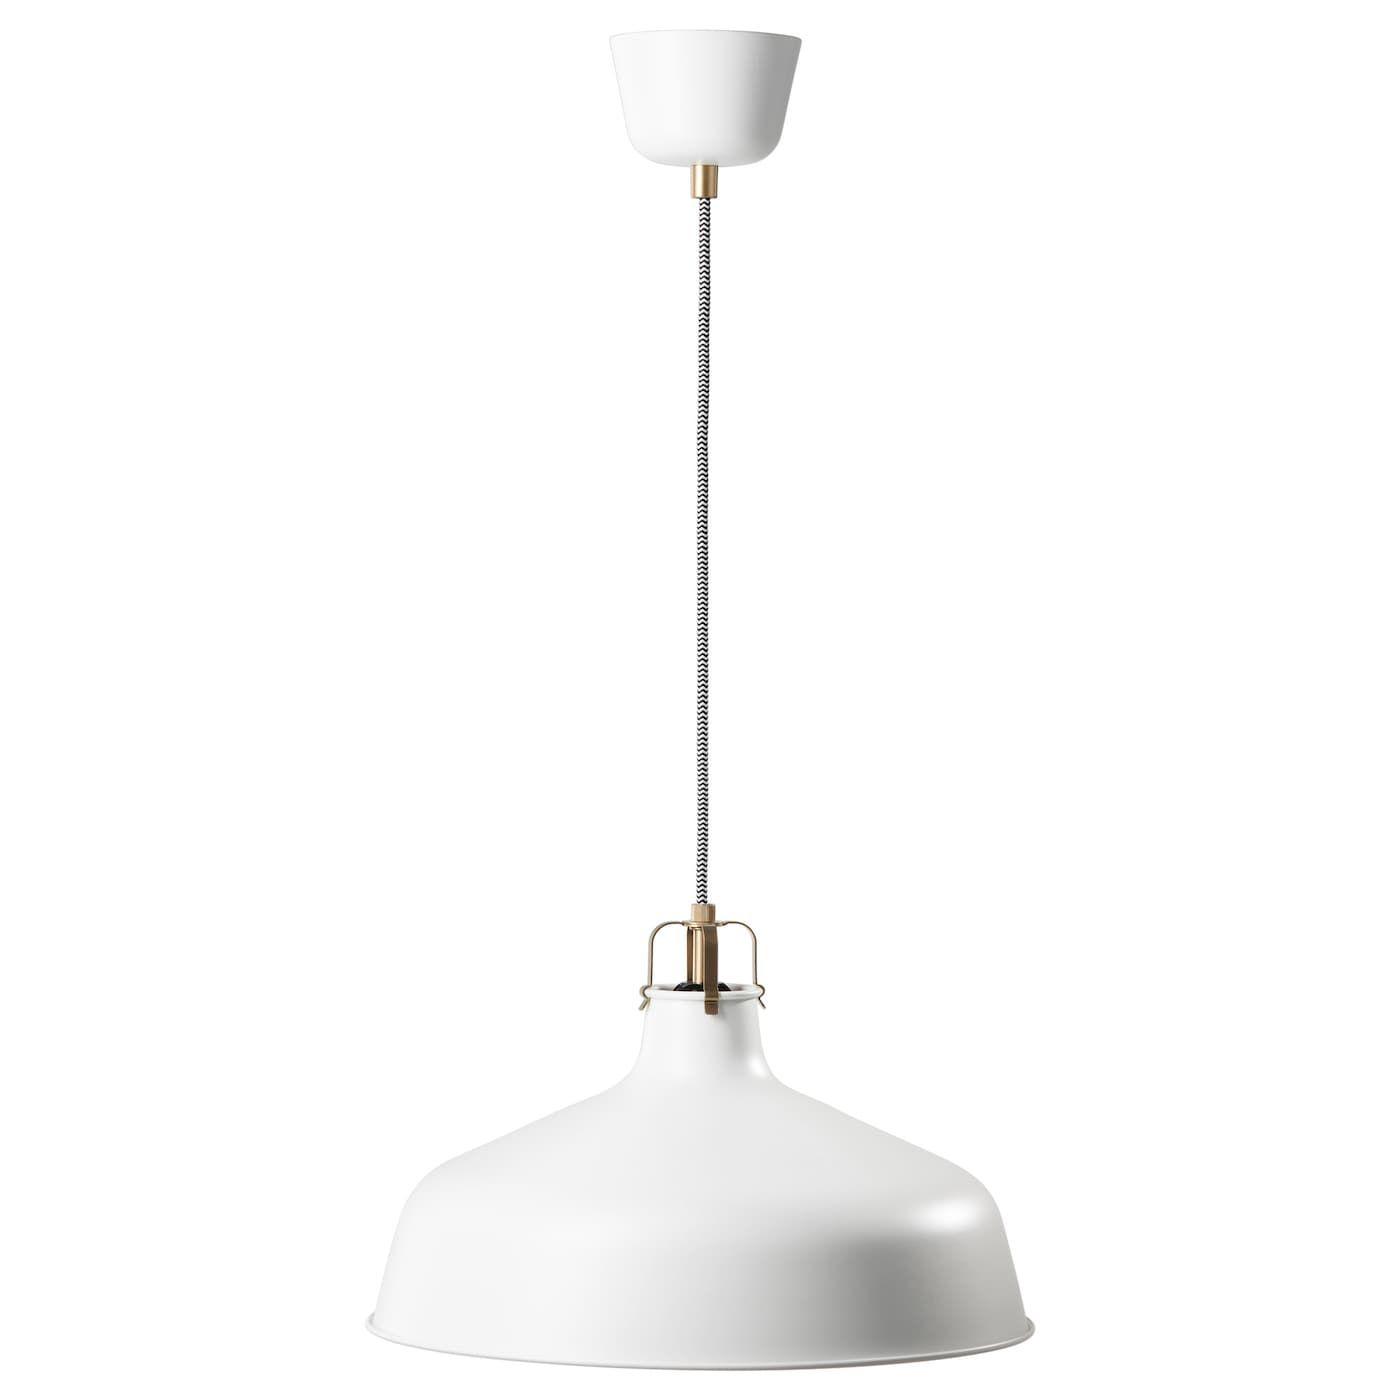 RANARP Hängeleuchte   elfenbeinweiß   IKEA Österreich ...